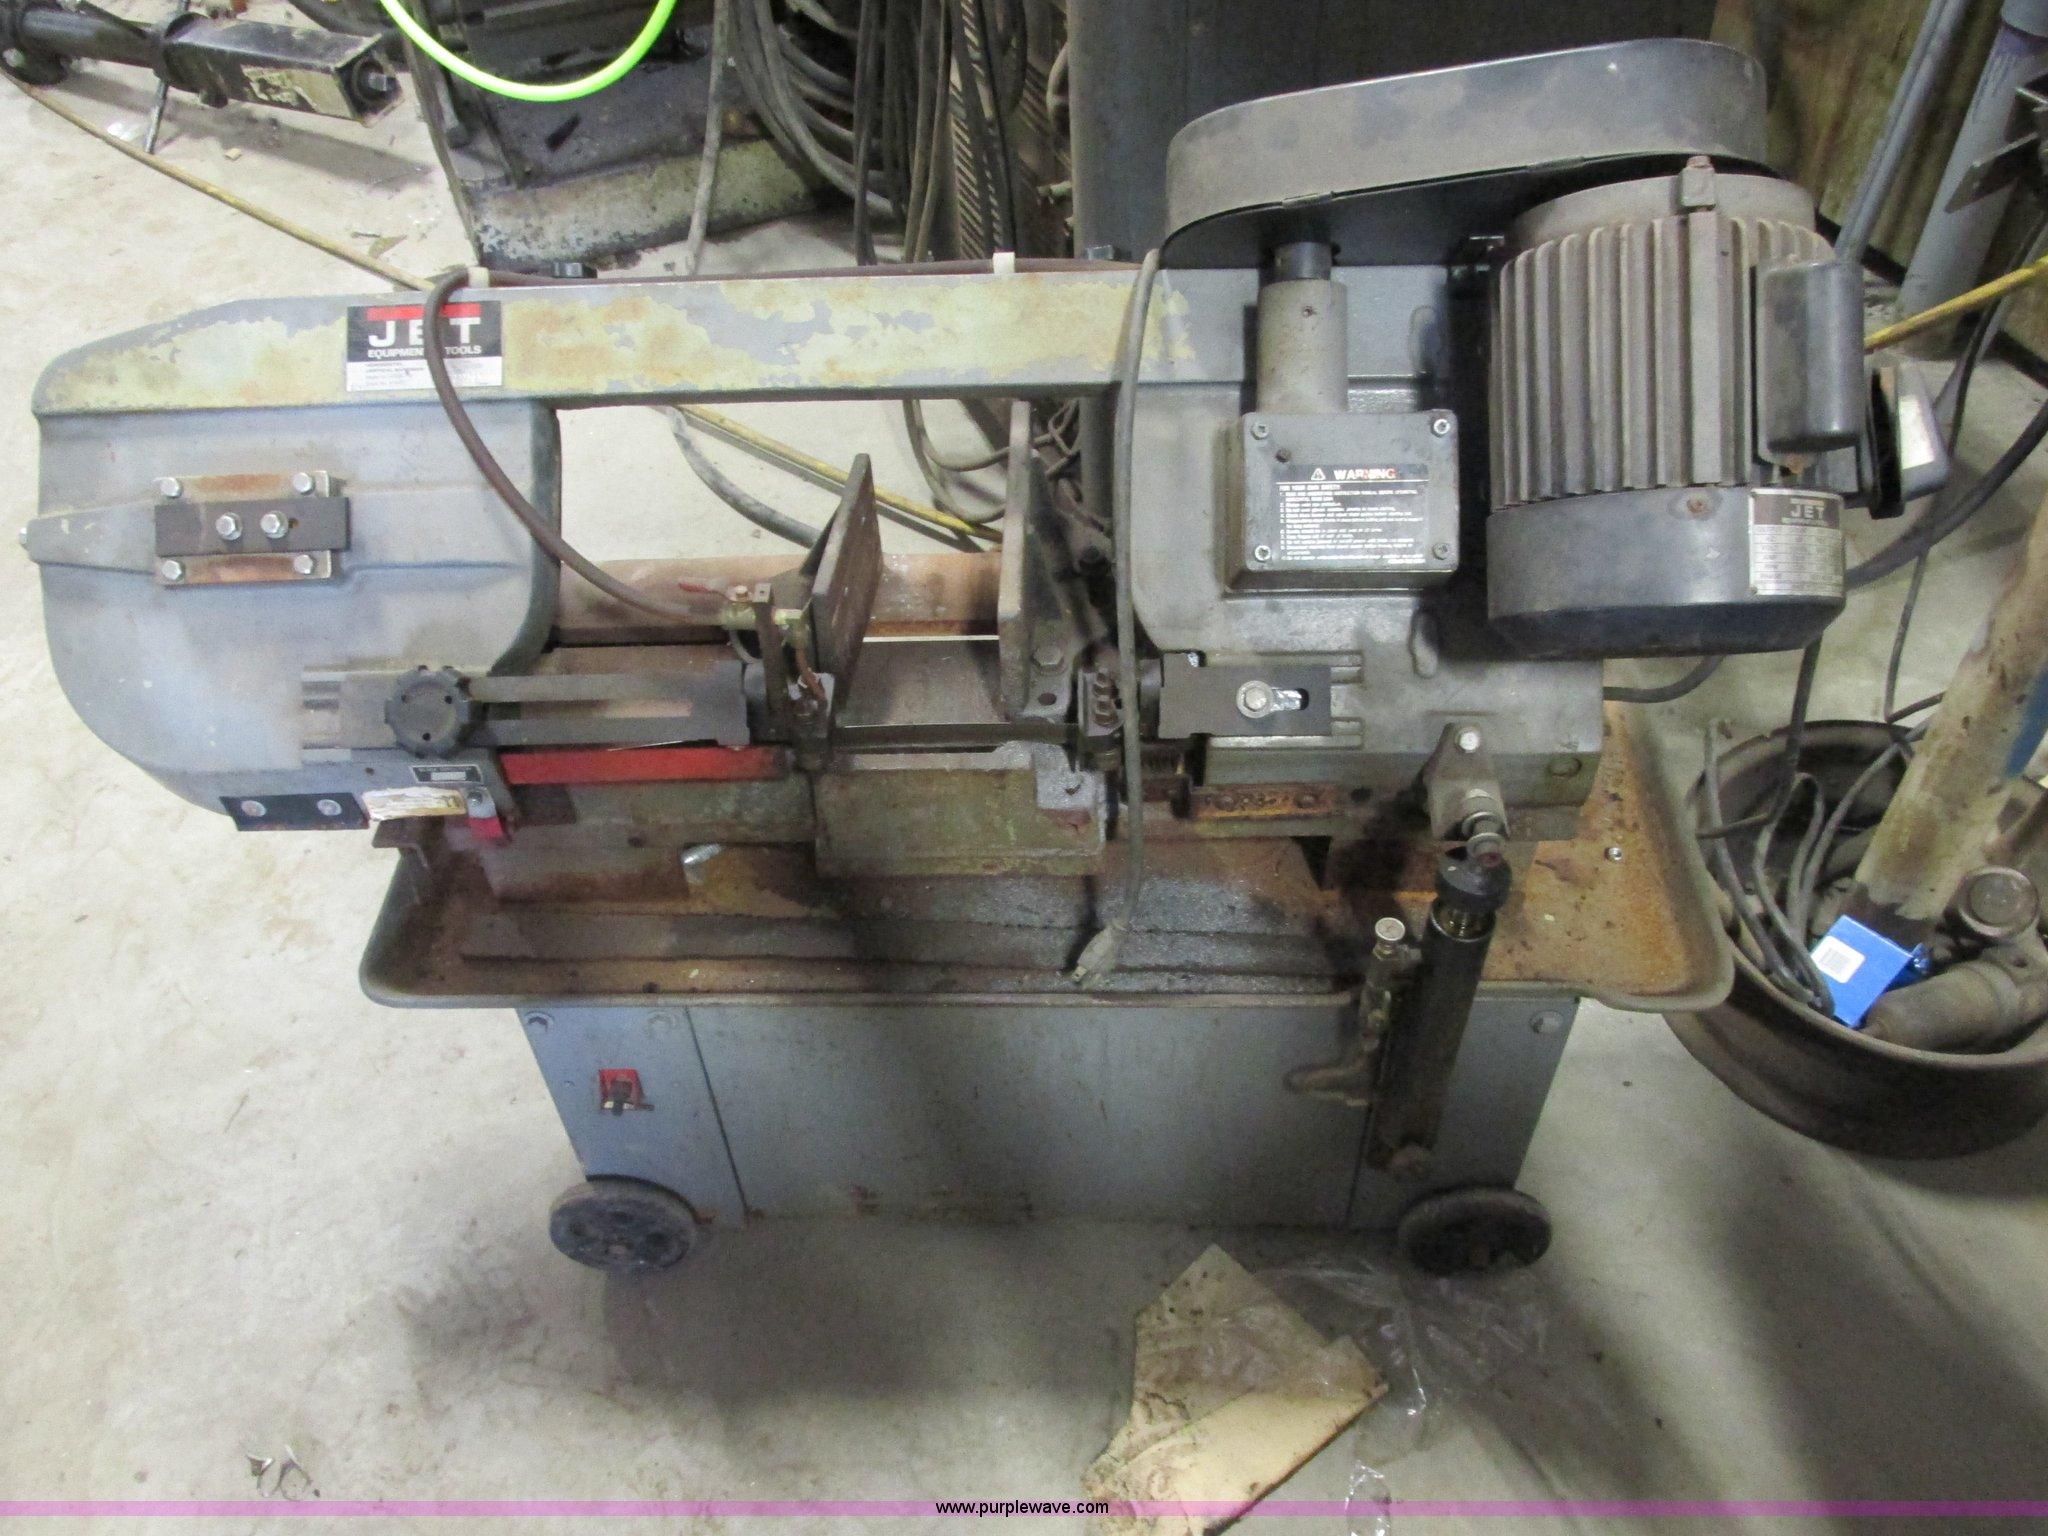 Jet Hvbs 7m Bandsaw Item E7247 Sold June 12 Midwest Veh